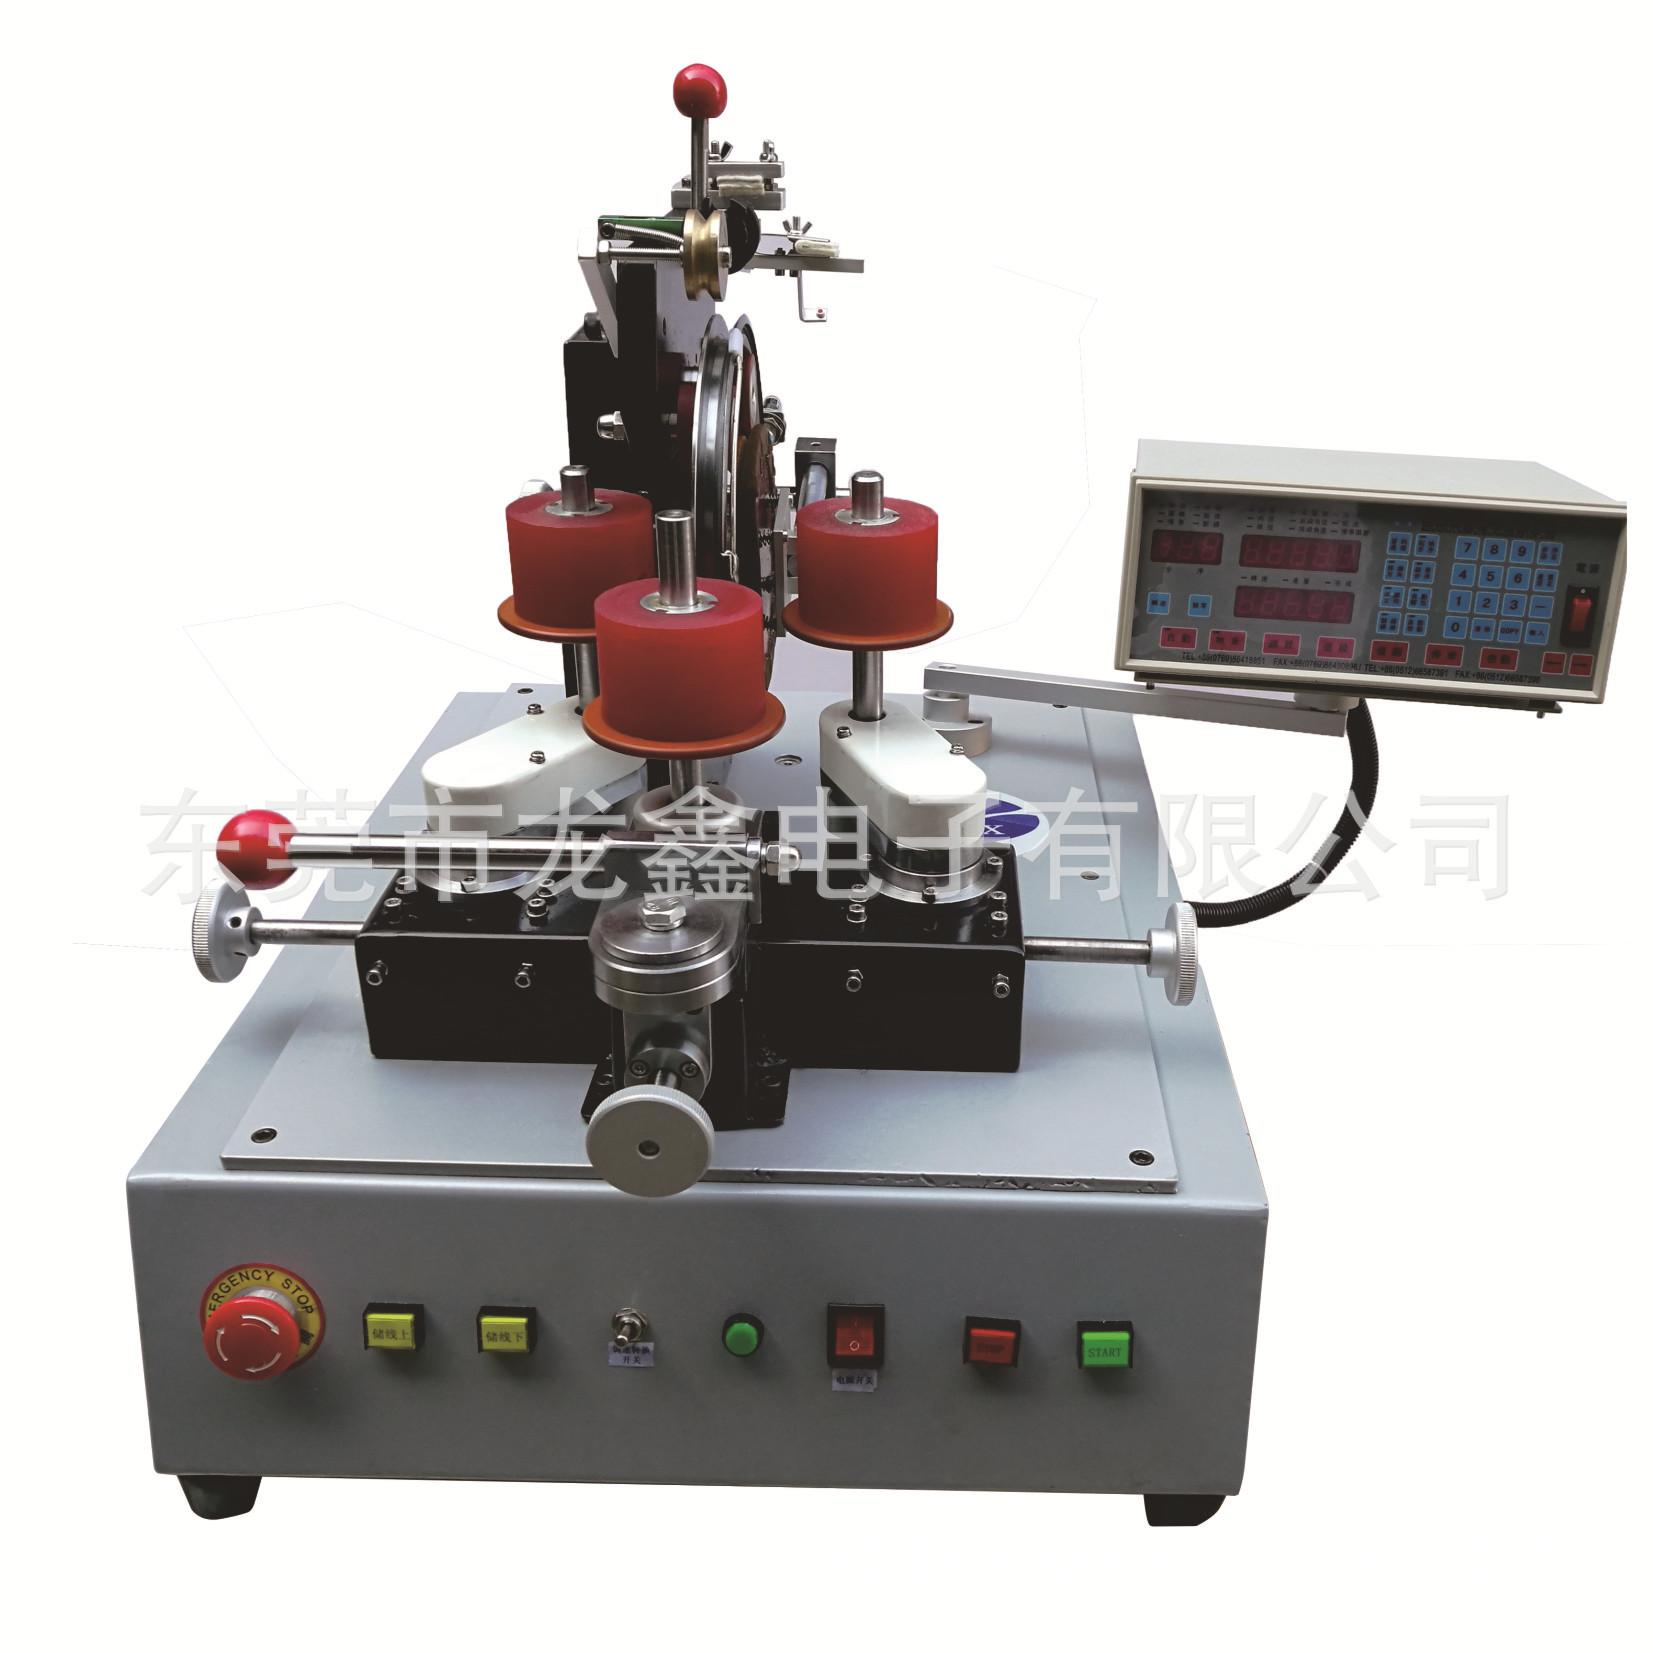 龙鑫产销LX-1100A粗线边滑式环型绕线机,环型变压器绕线机.